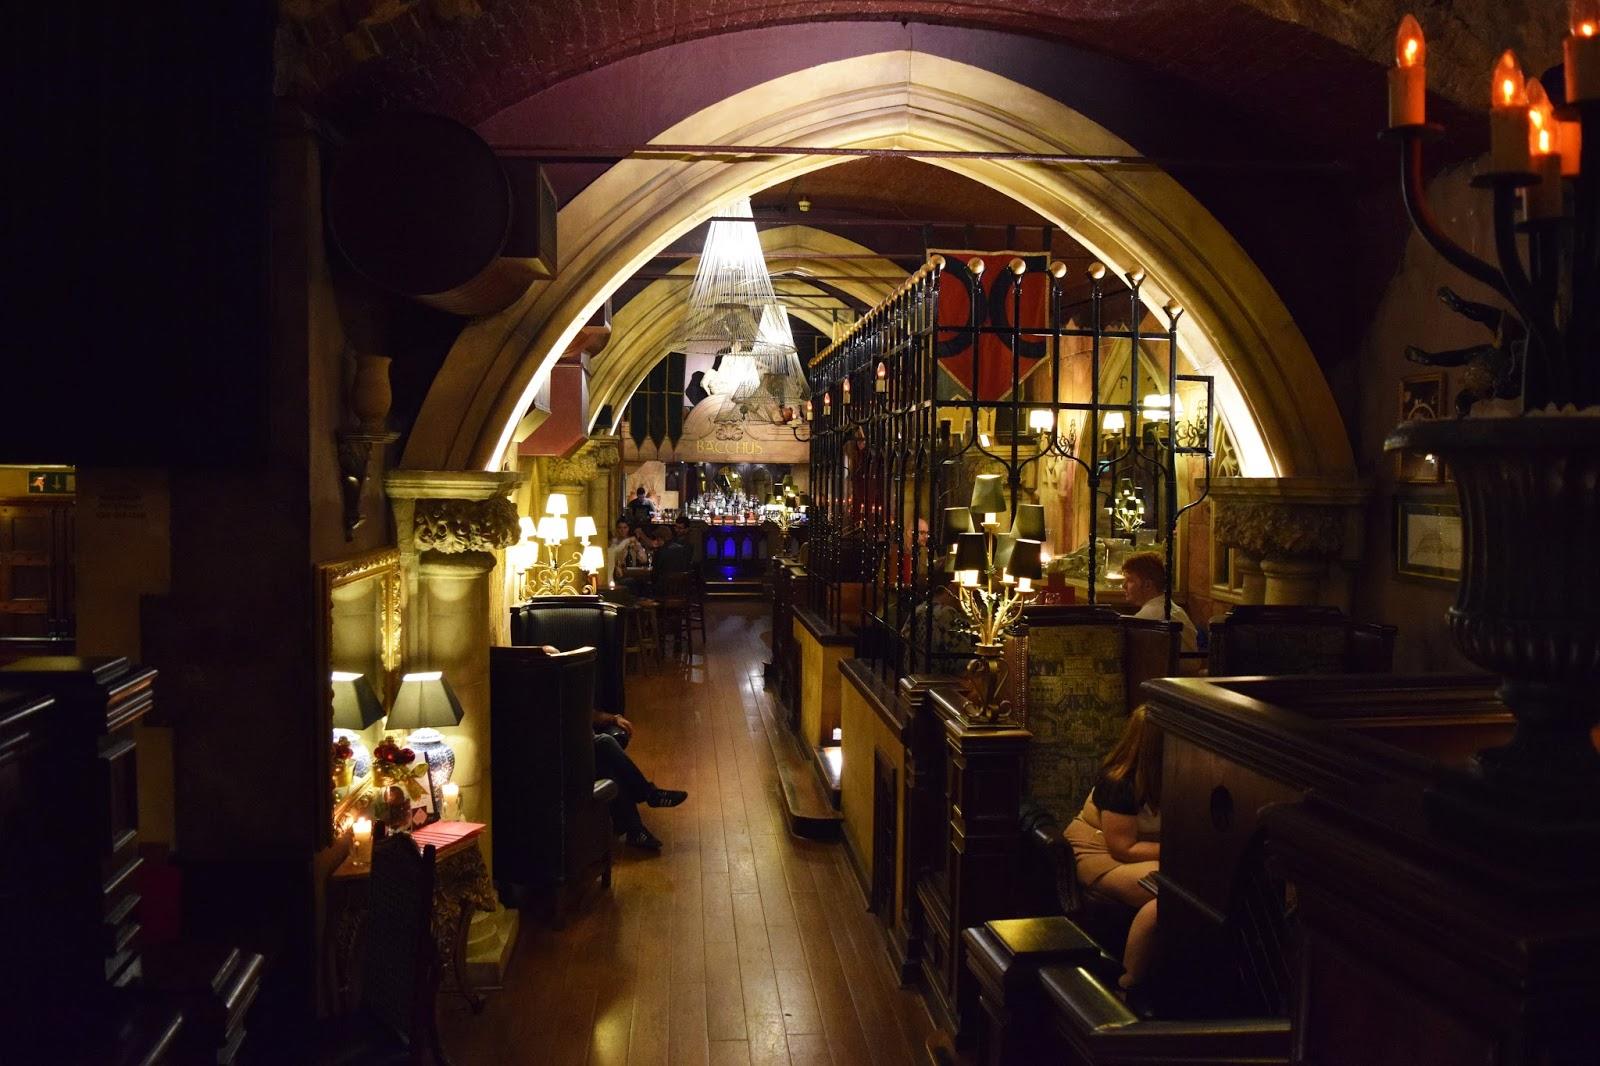 the main bar area inside Bacchus bar